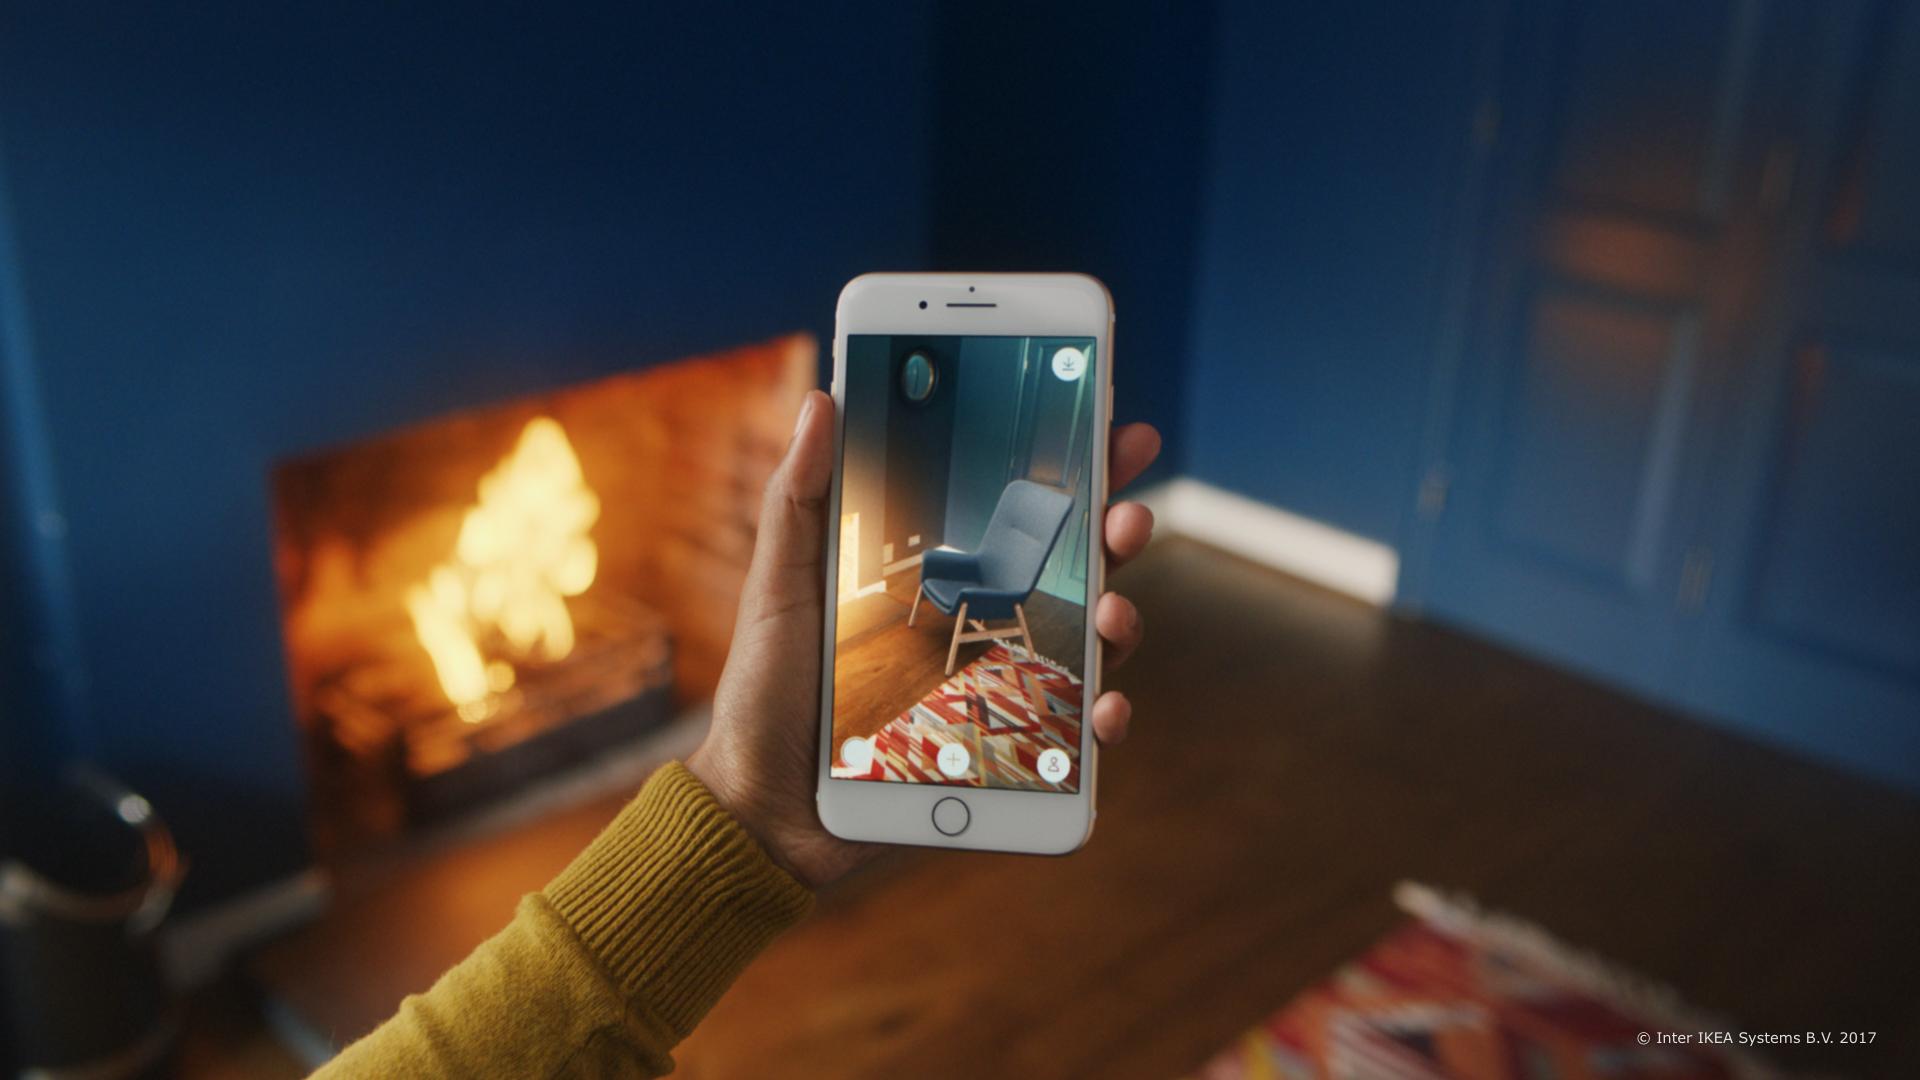 Virtuell einrichten: Die AR-App Ikea Place macht es möglich.